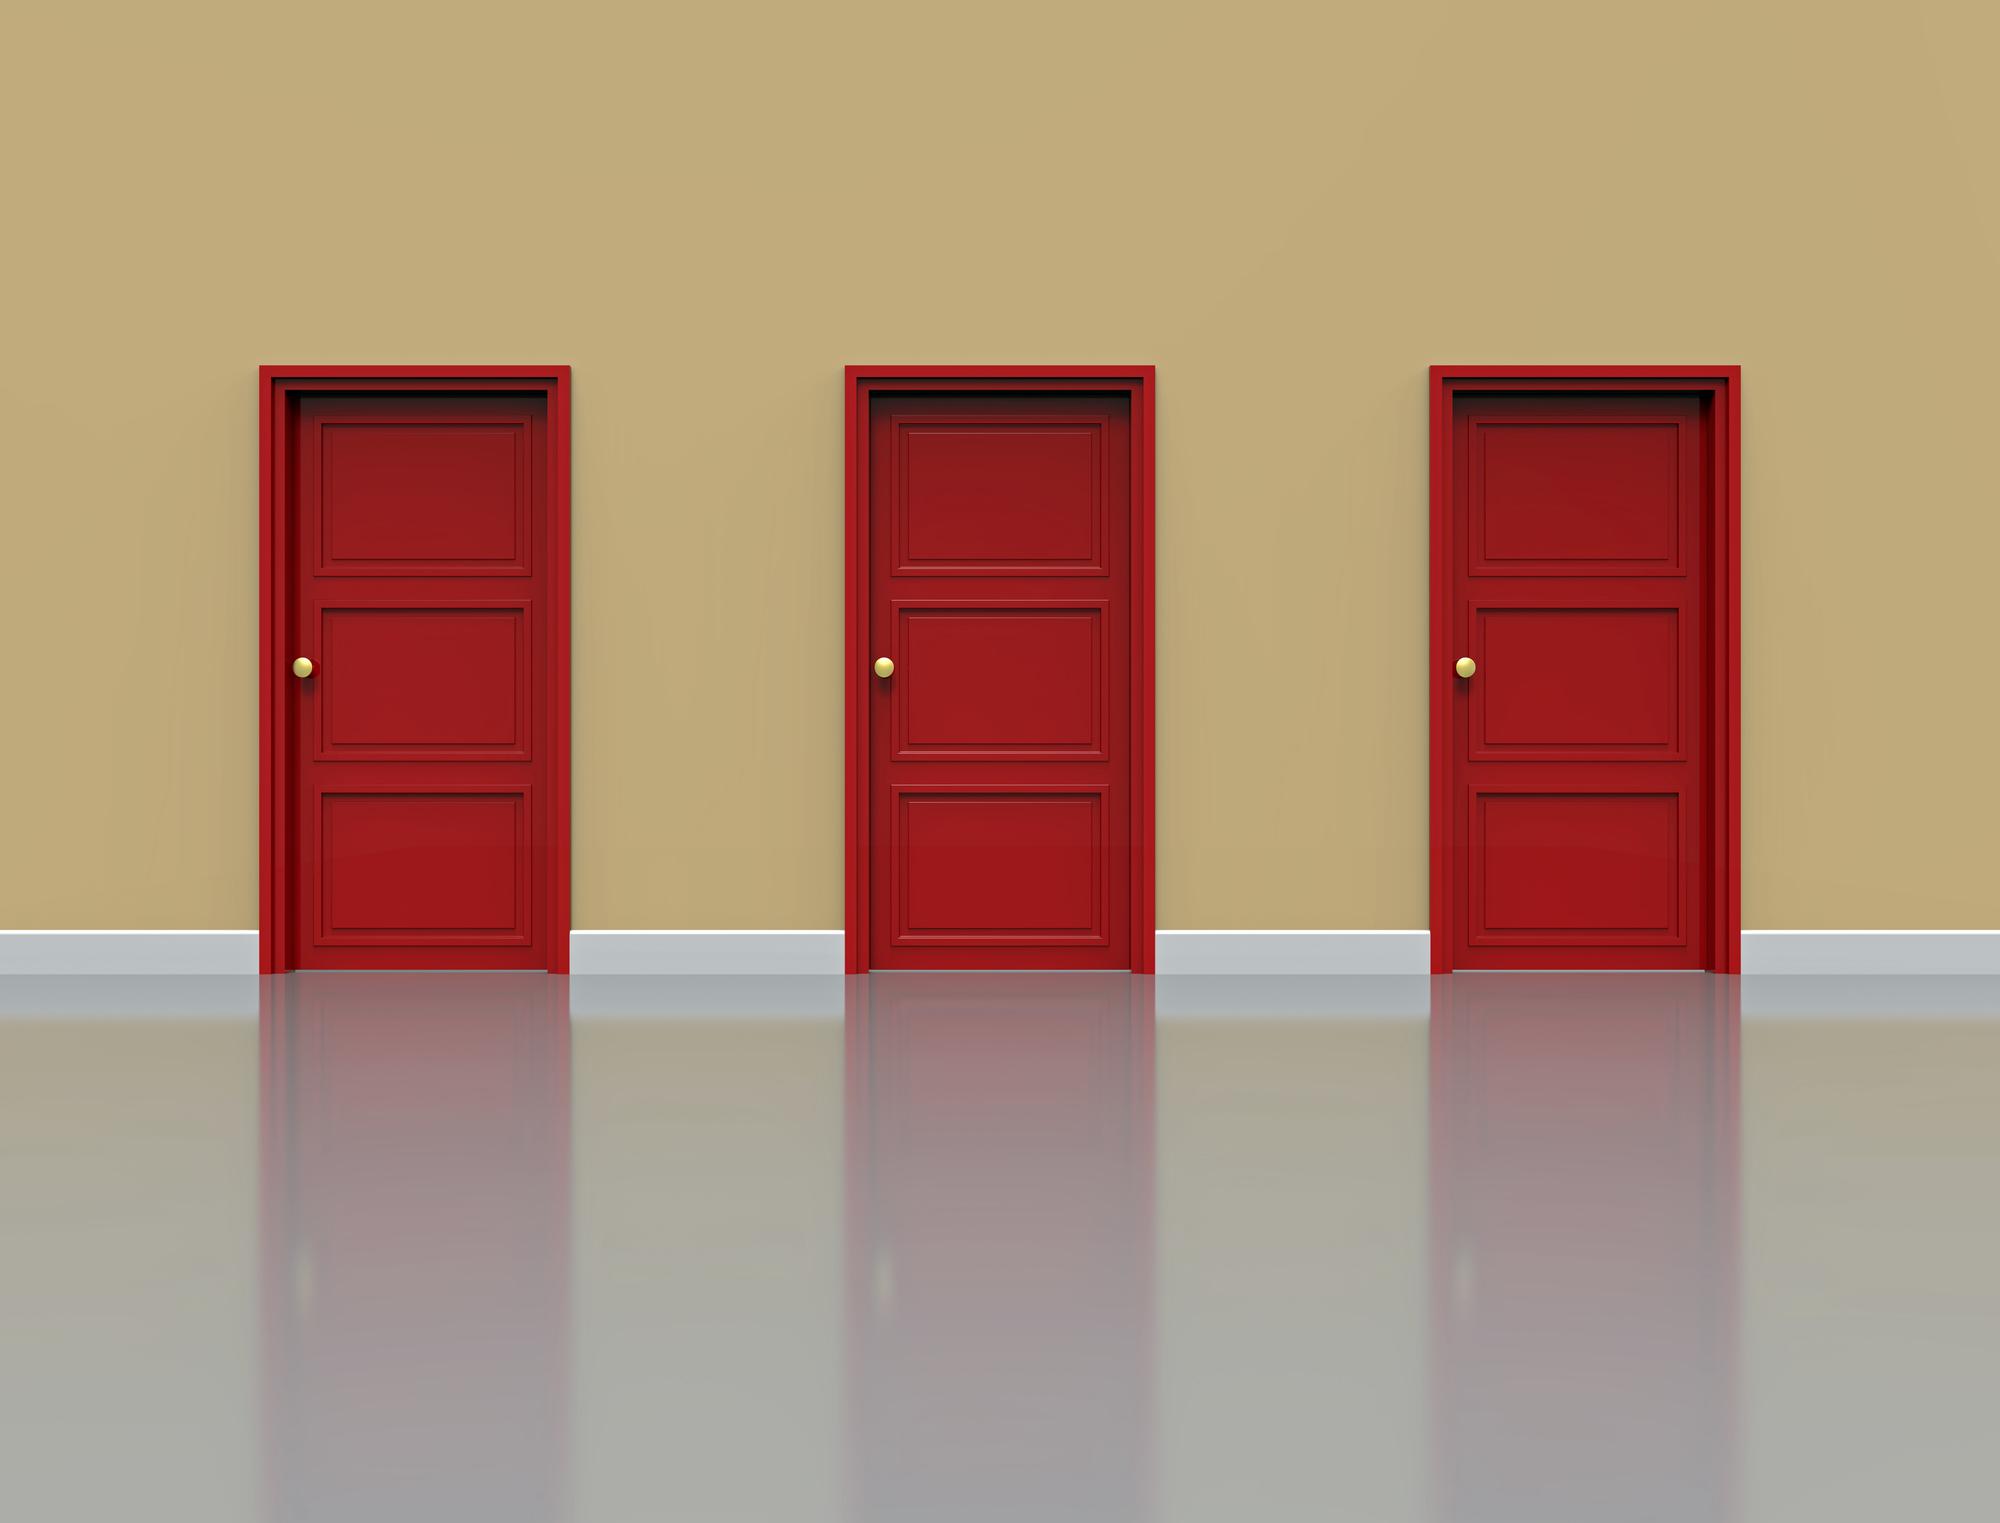 自分が進む扉の選択をまちがわないこと。一寸先は光か闇か?!